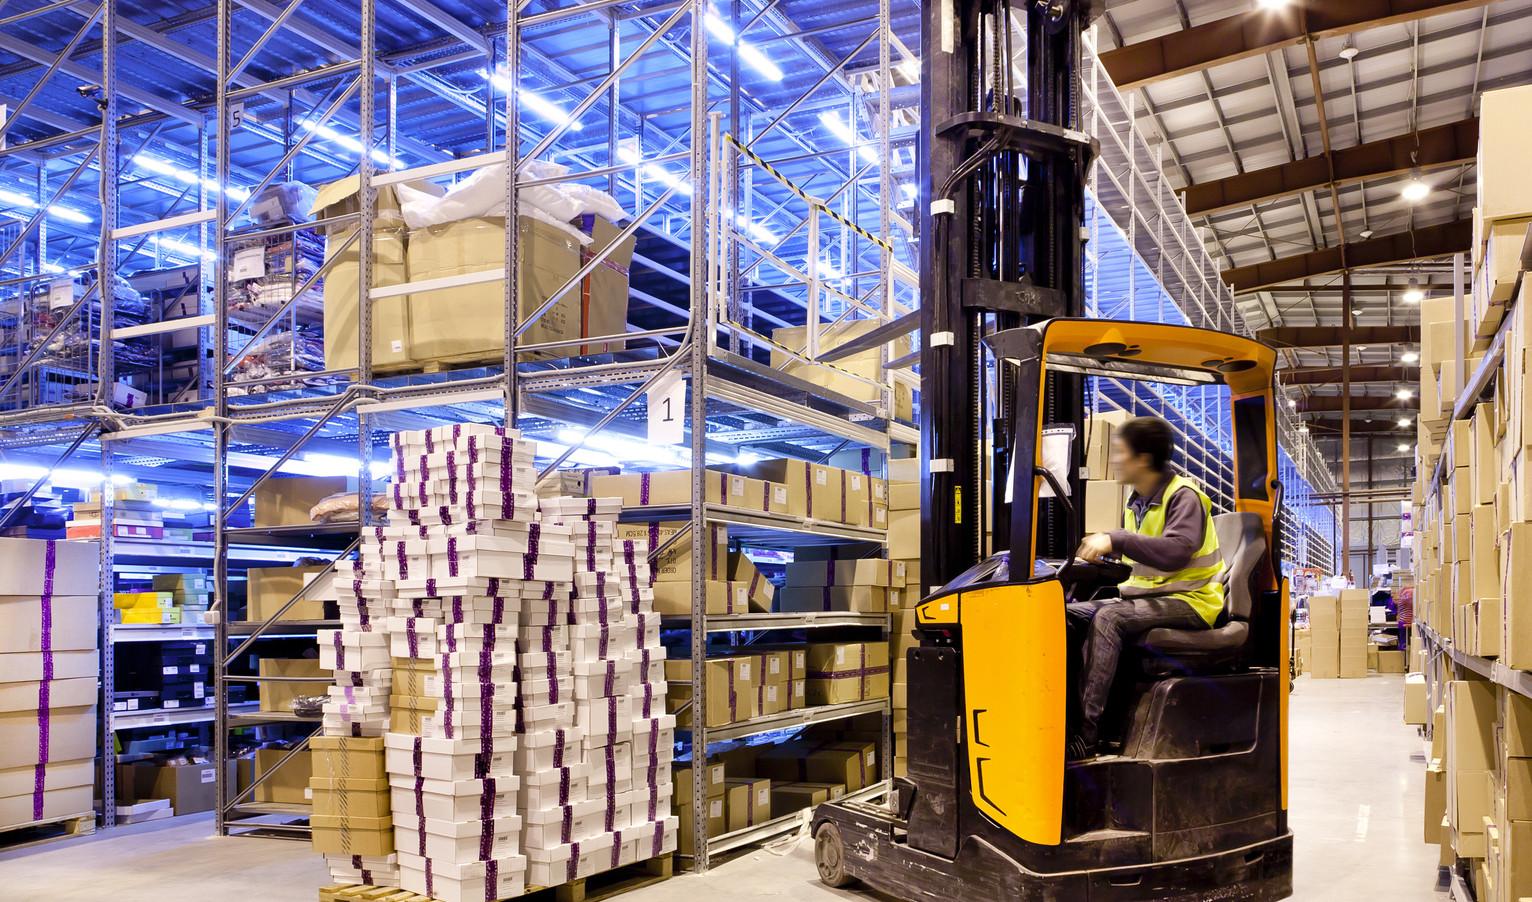 Testen Sie uns: Wir bieten Ihnen eine kostenlose Voranalyse bei Logistik- und Transportkosten > €250.000 pro Jahr.